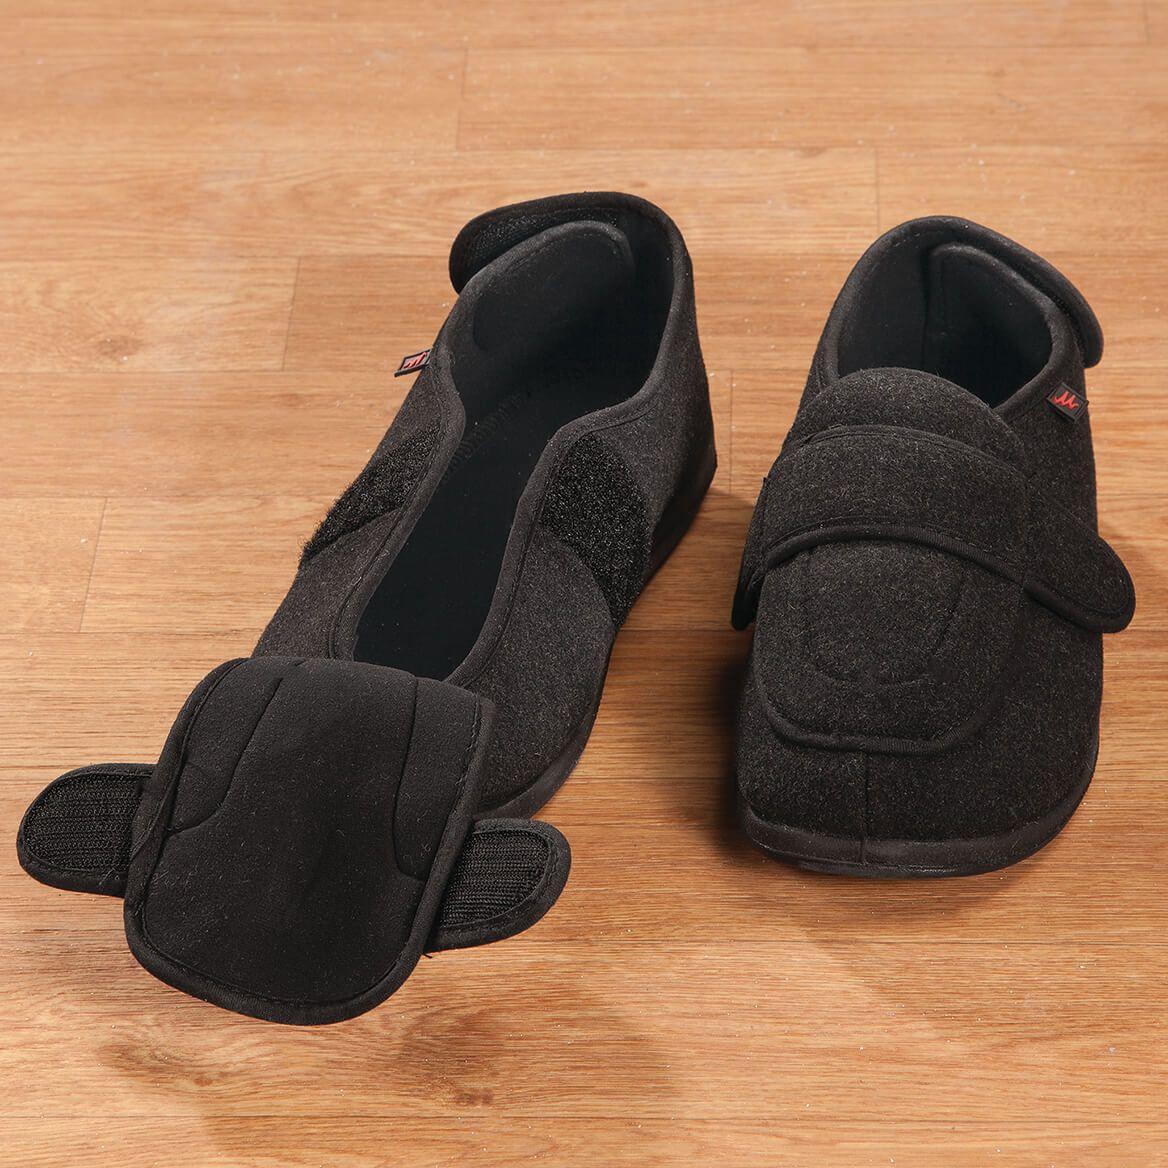 Adjustable Edema Slippers-367054